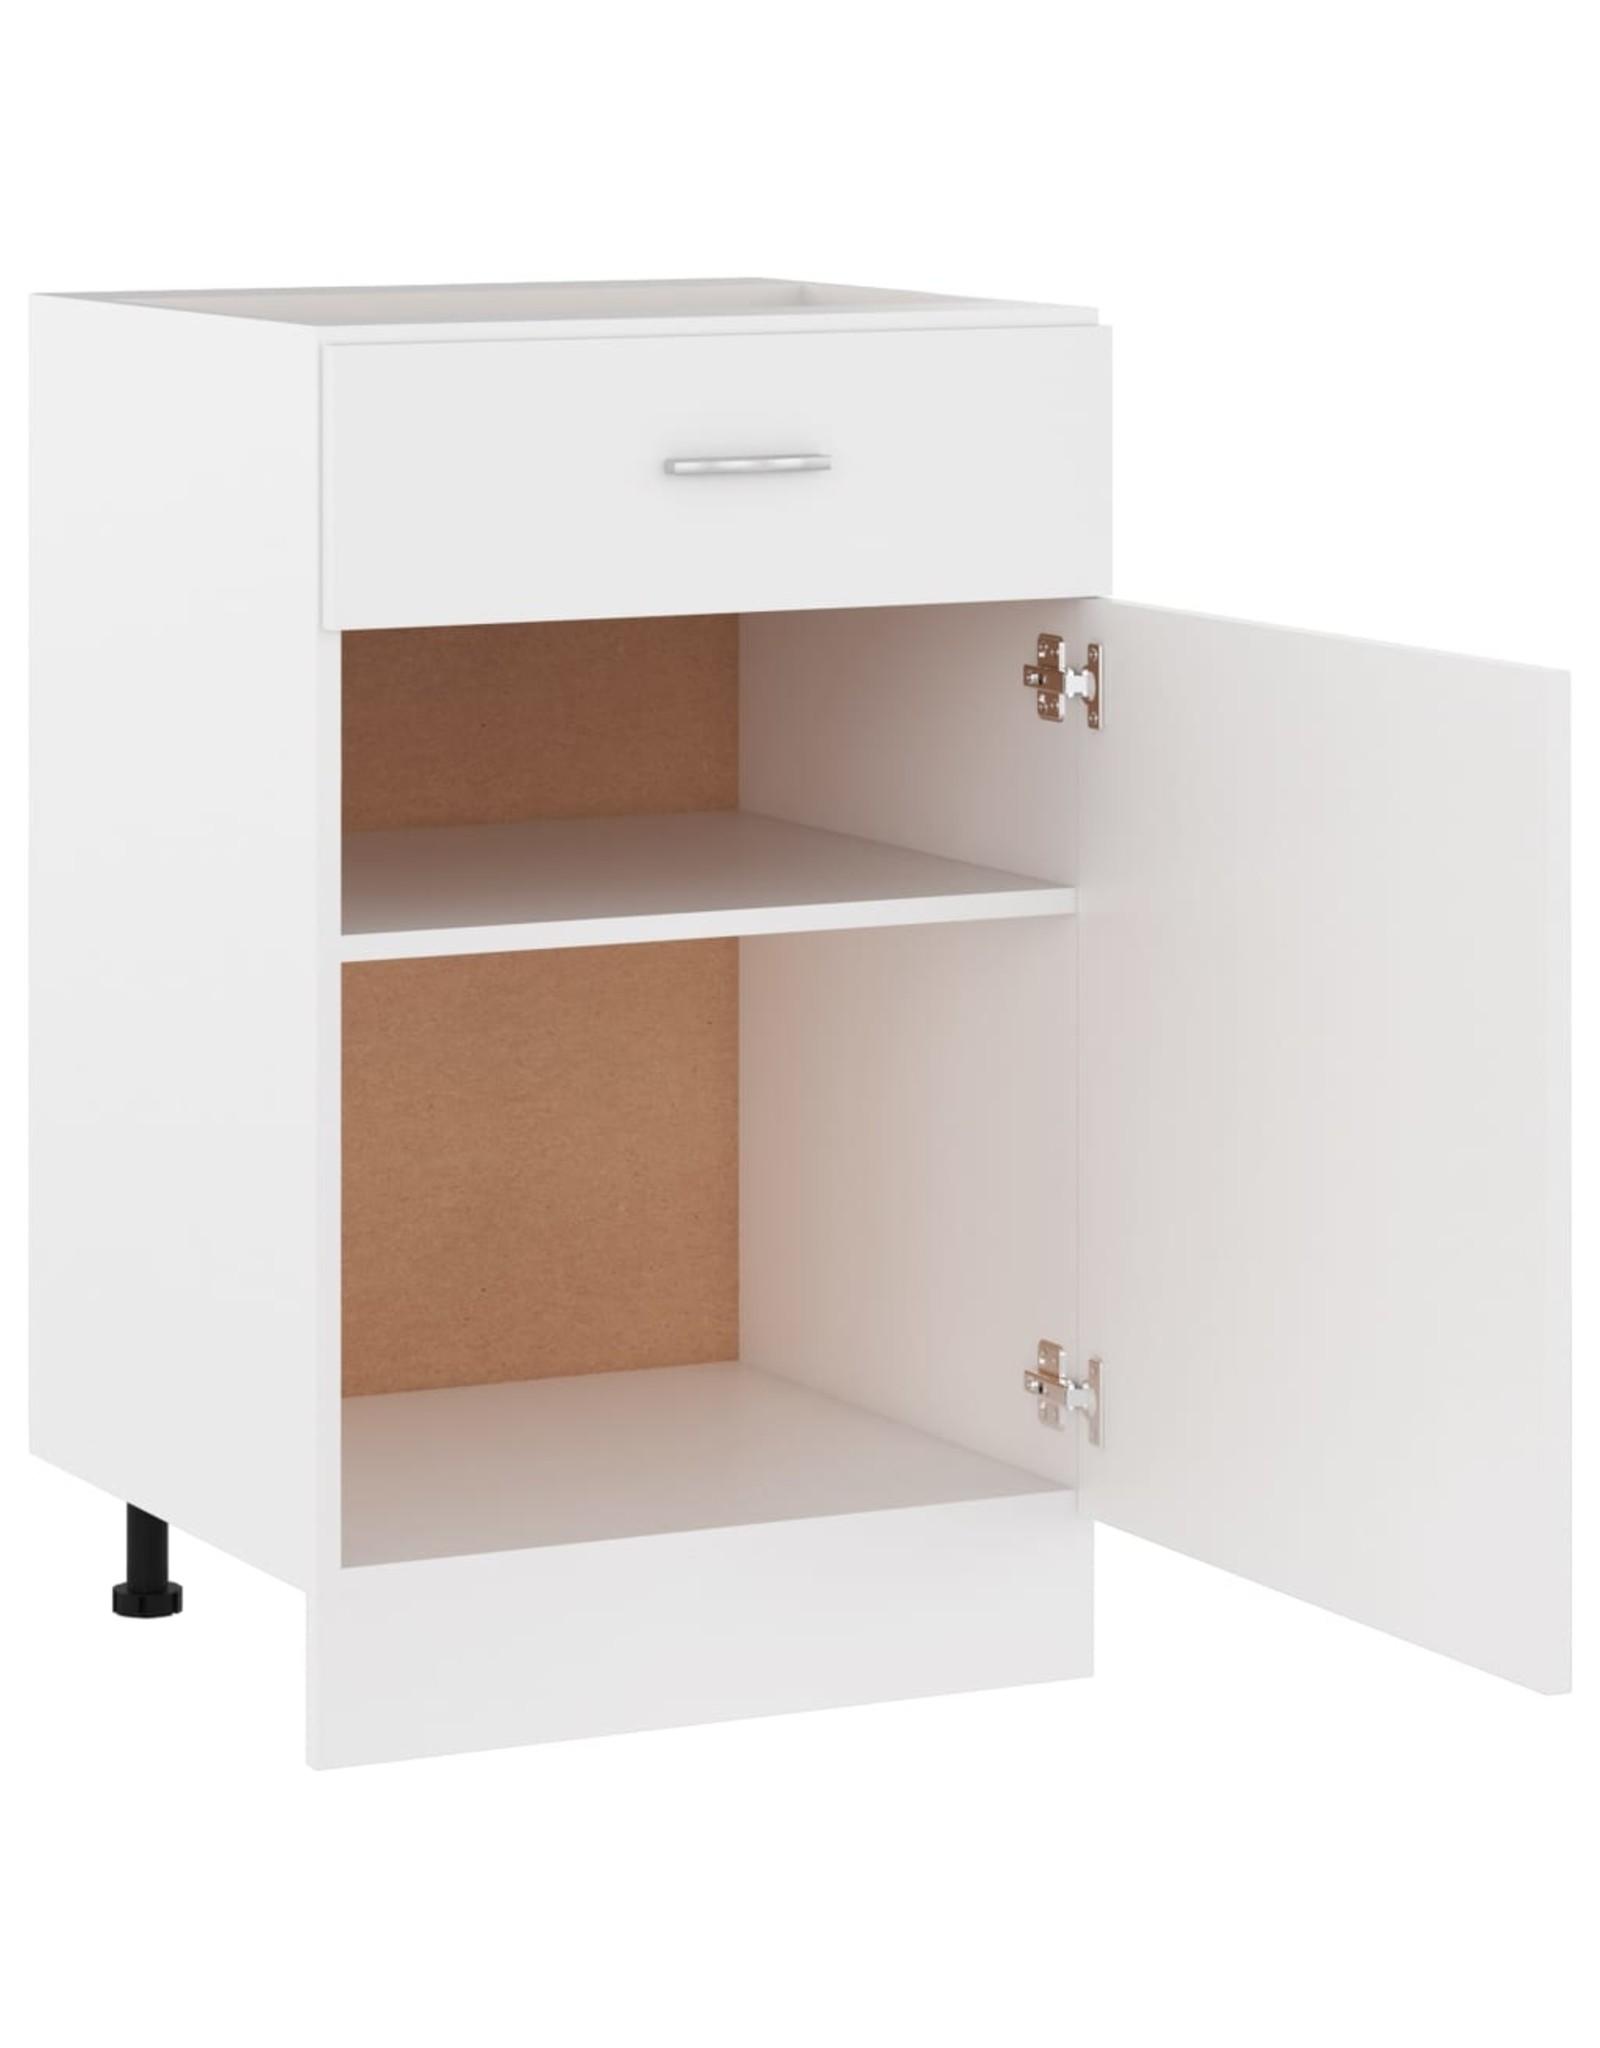 Onderkast met lade 50x46x81,5 cm spaanplaat wit